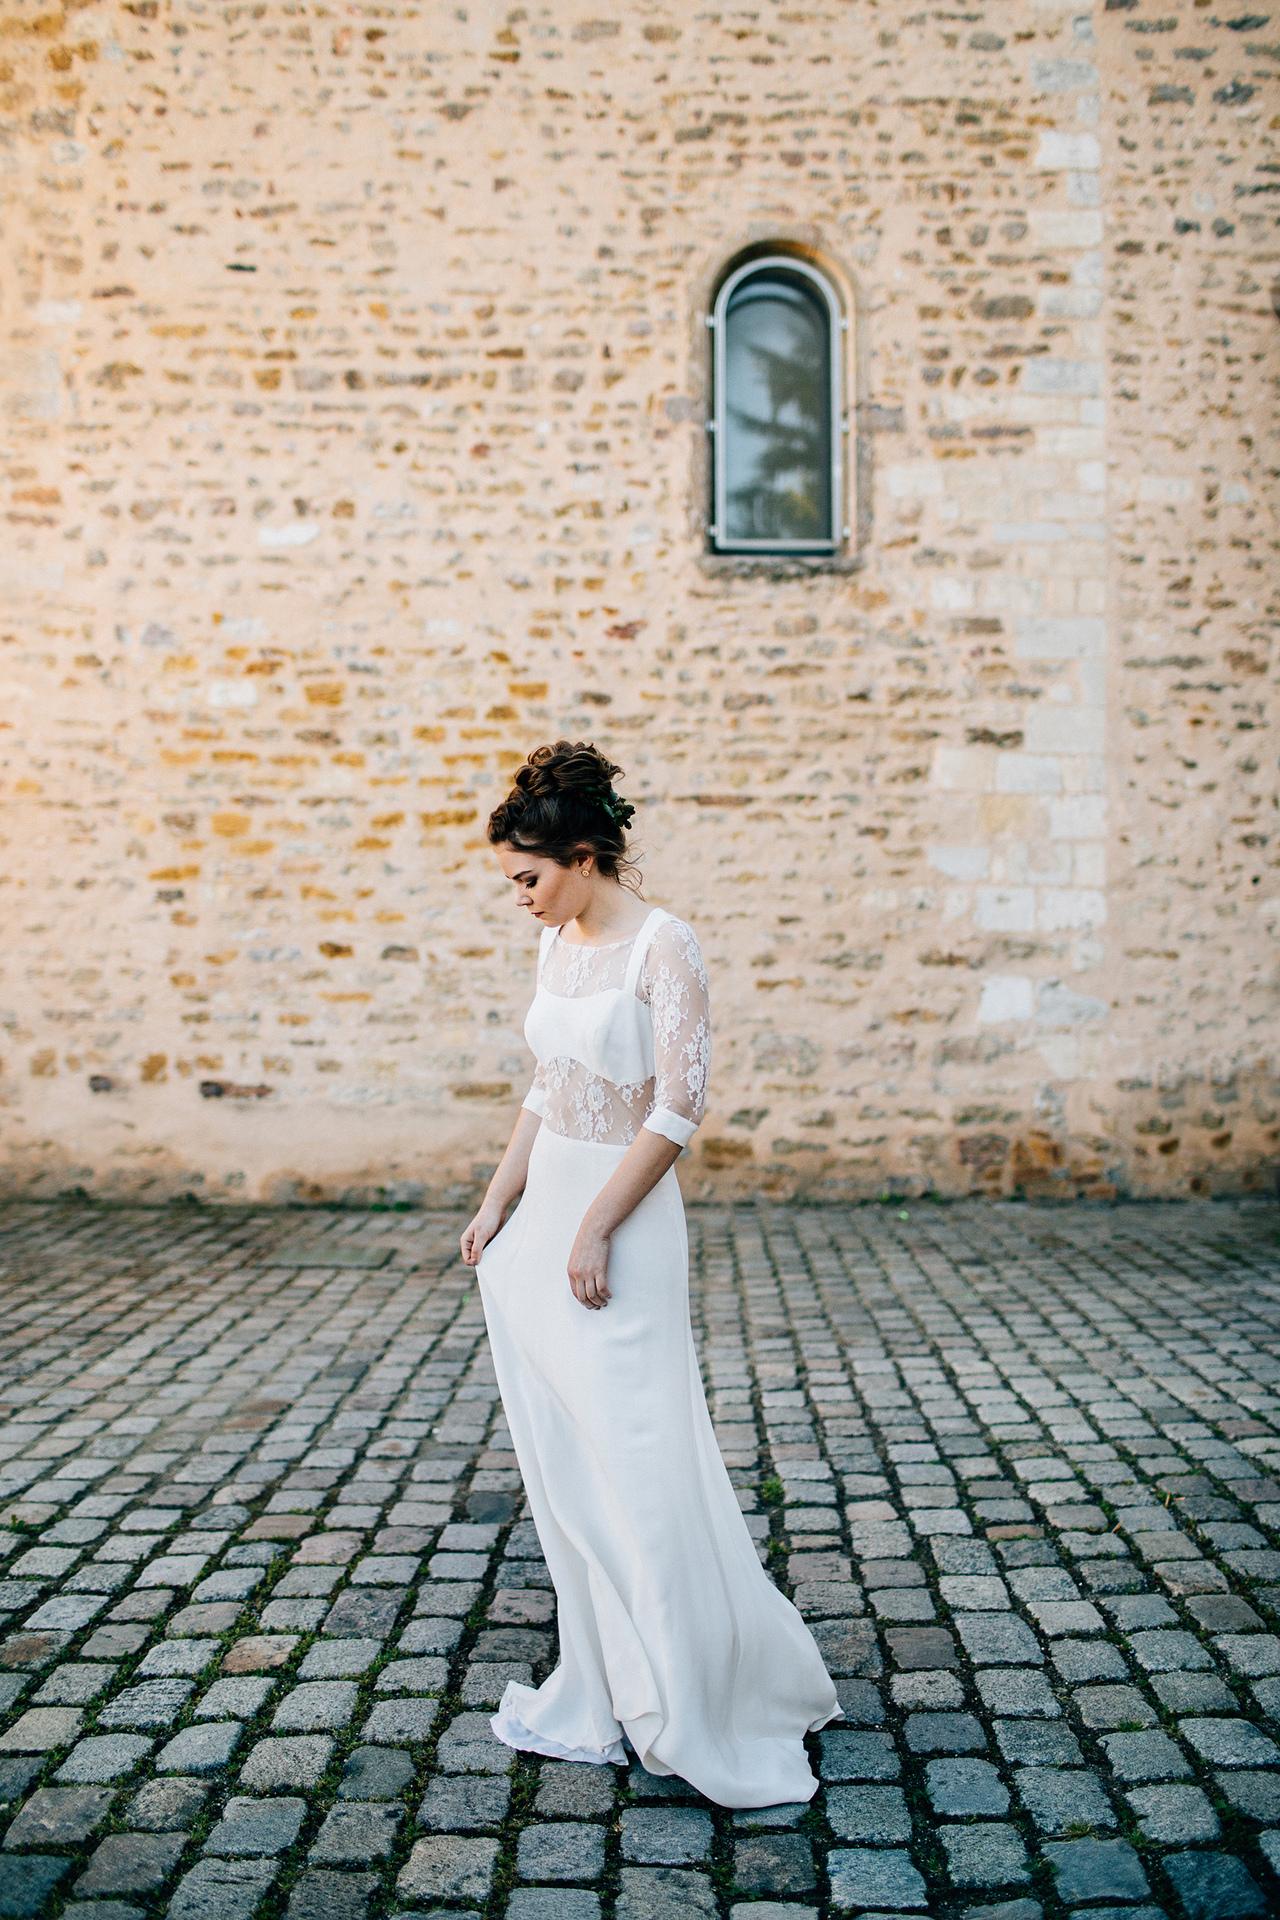 loovera-photographe-mariage-lyon-ceremonie-laique